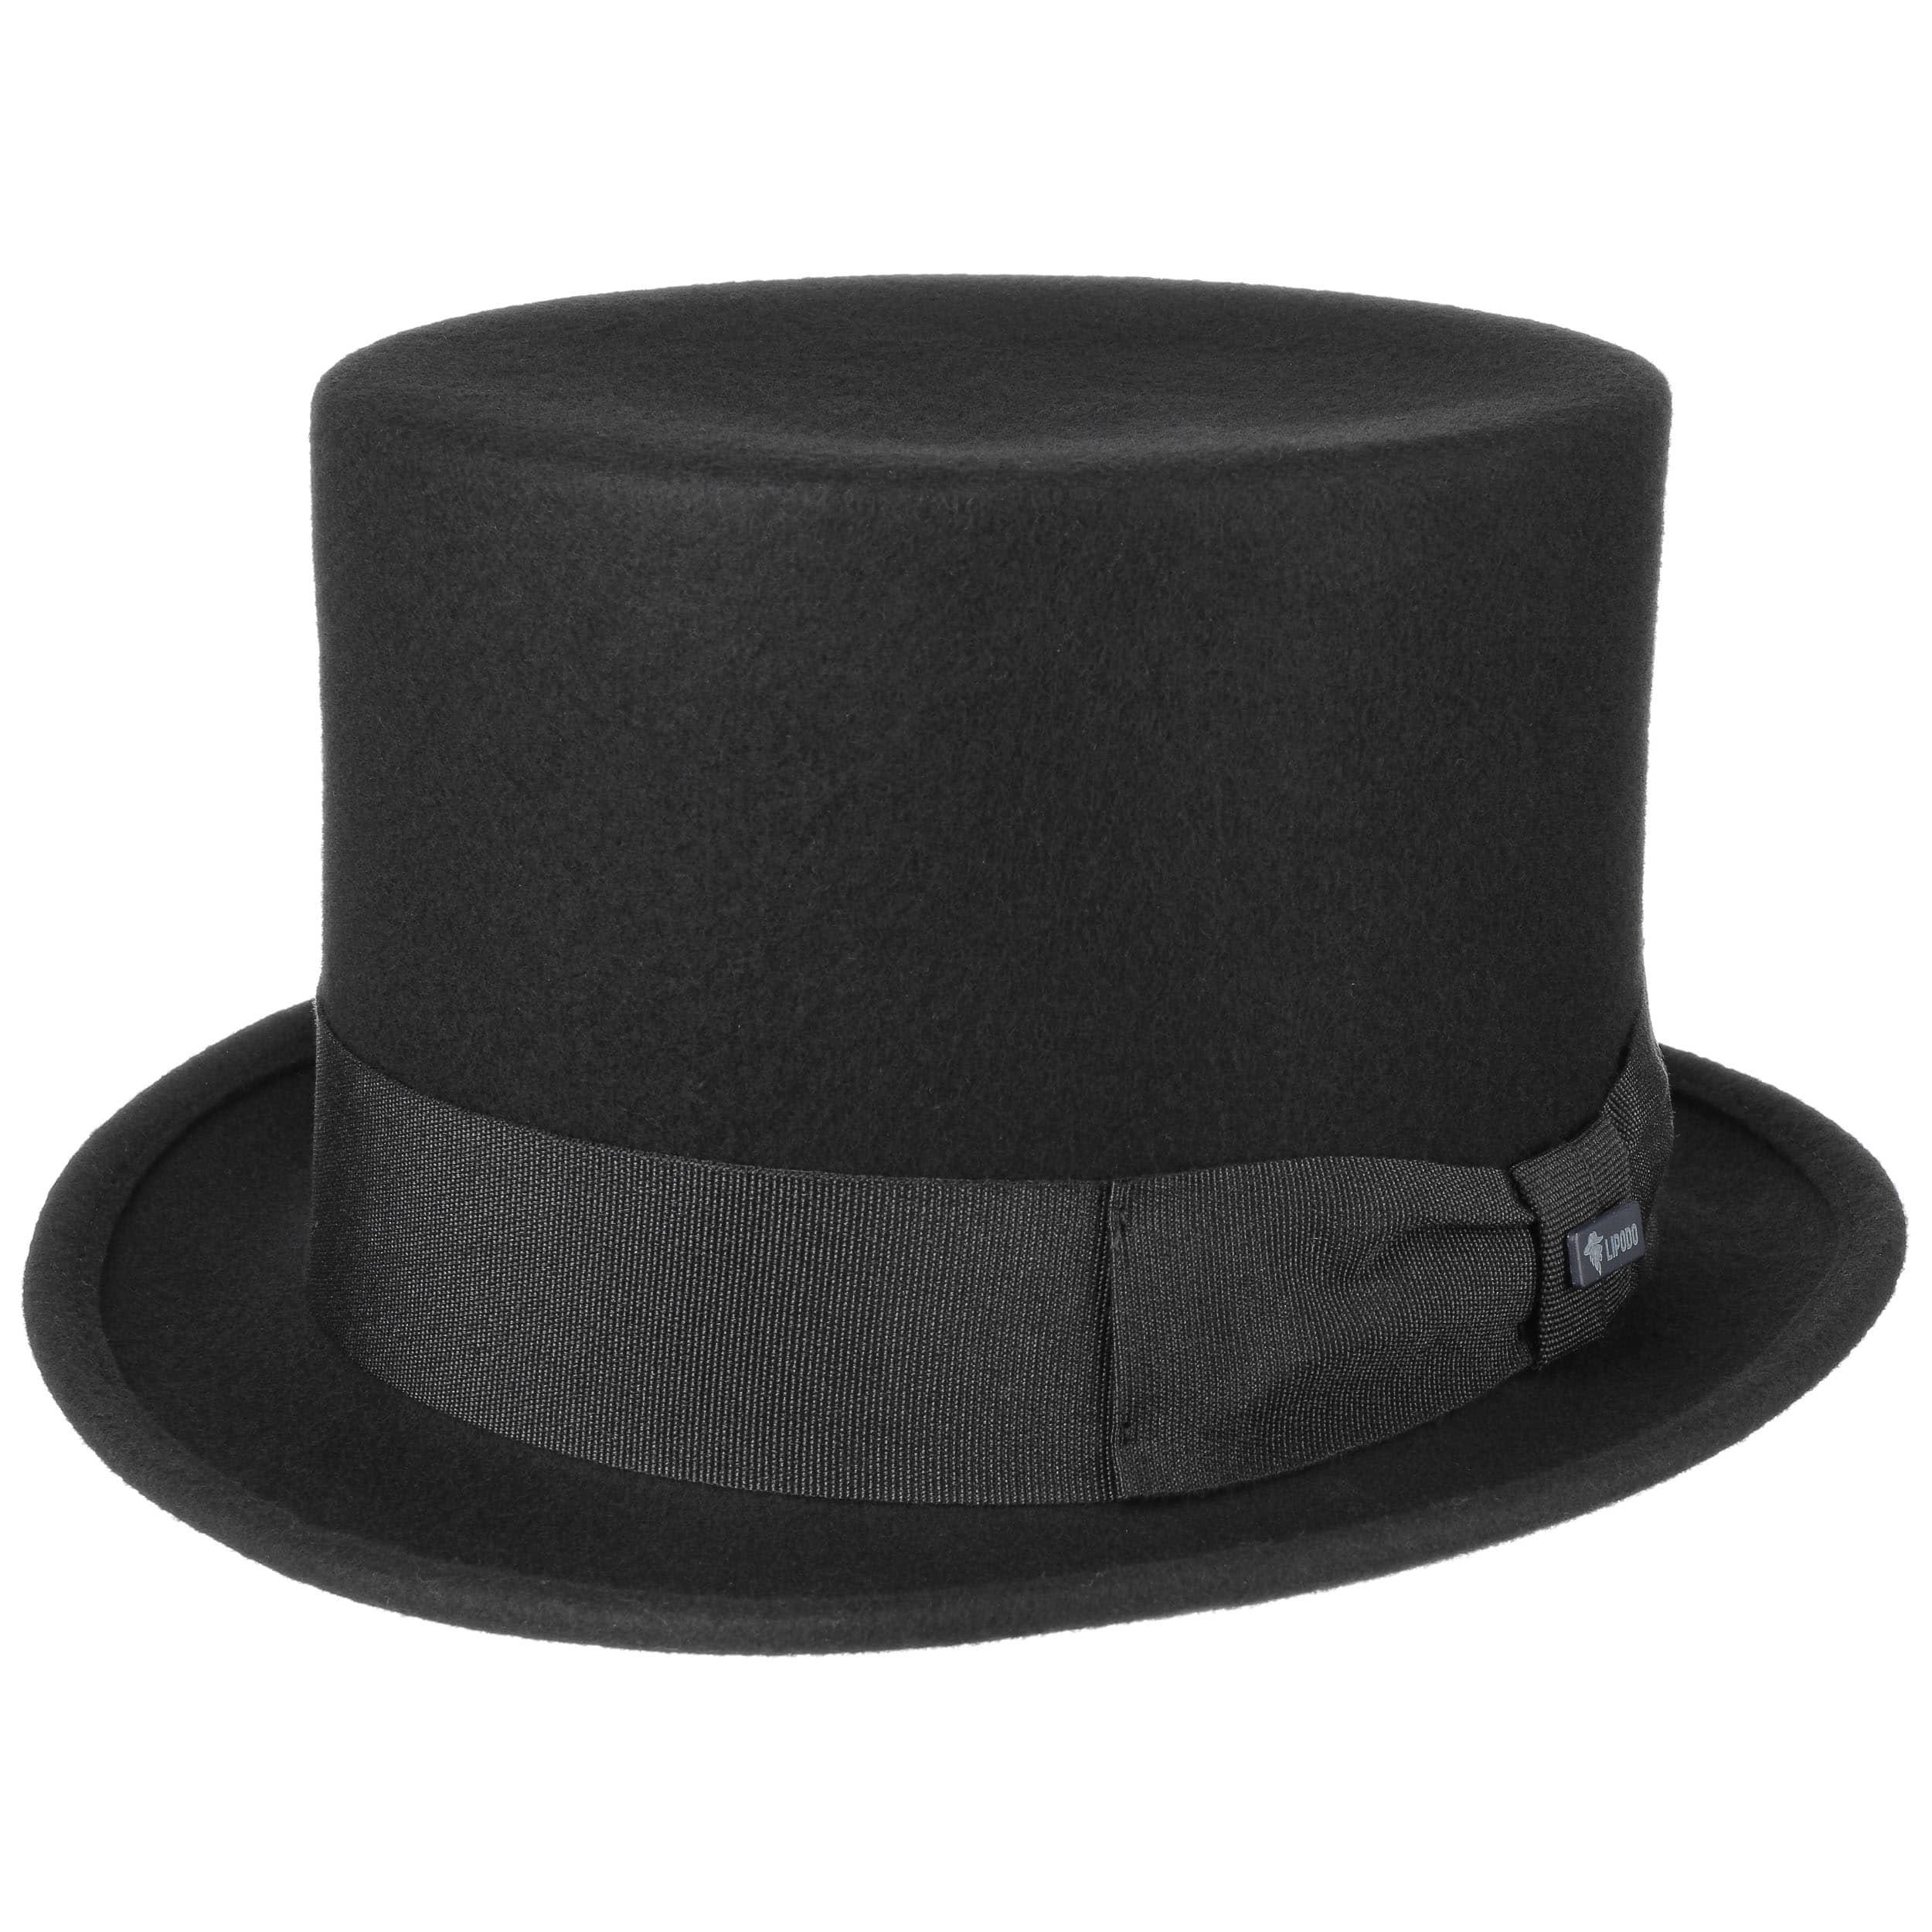 Sombrero de Copa Alta Fieltro by Lipodo - Sombreros - sombreroshop.es 259576bae3b